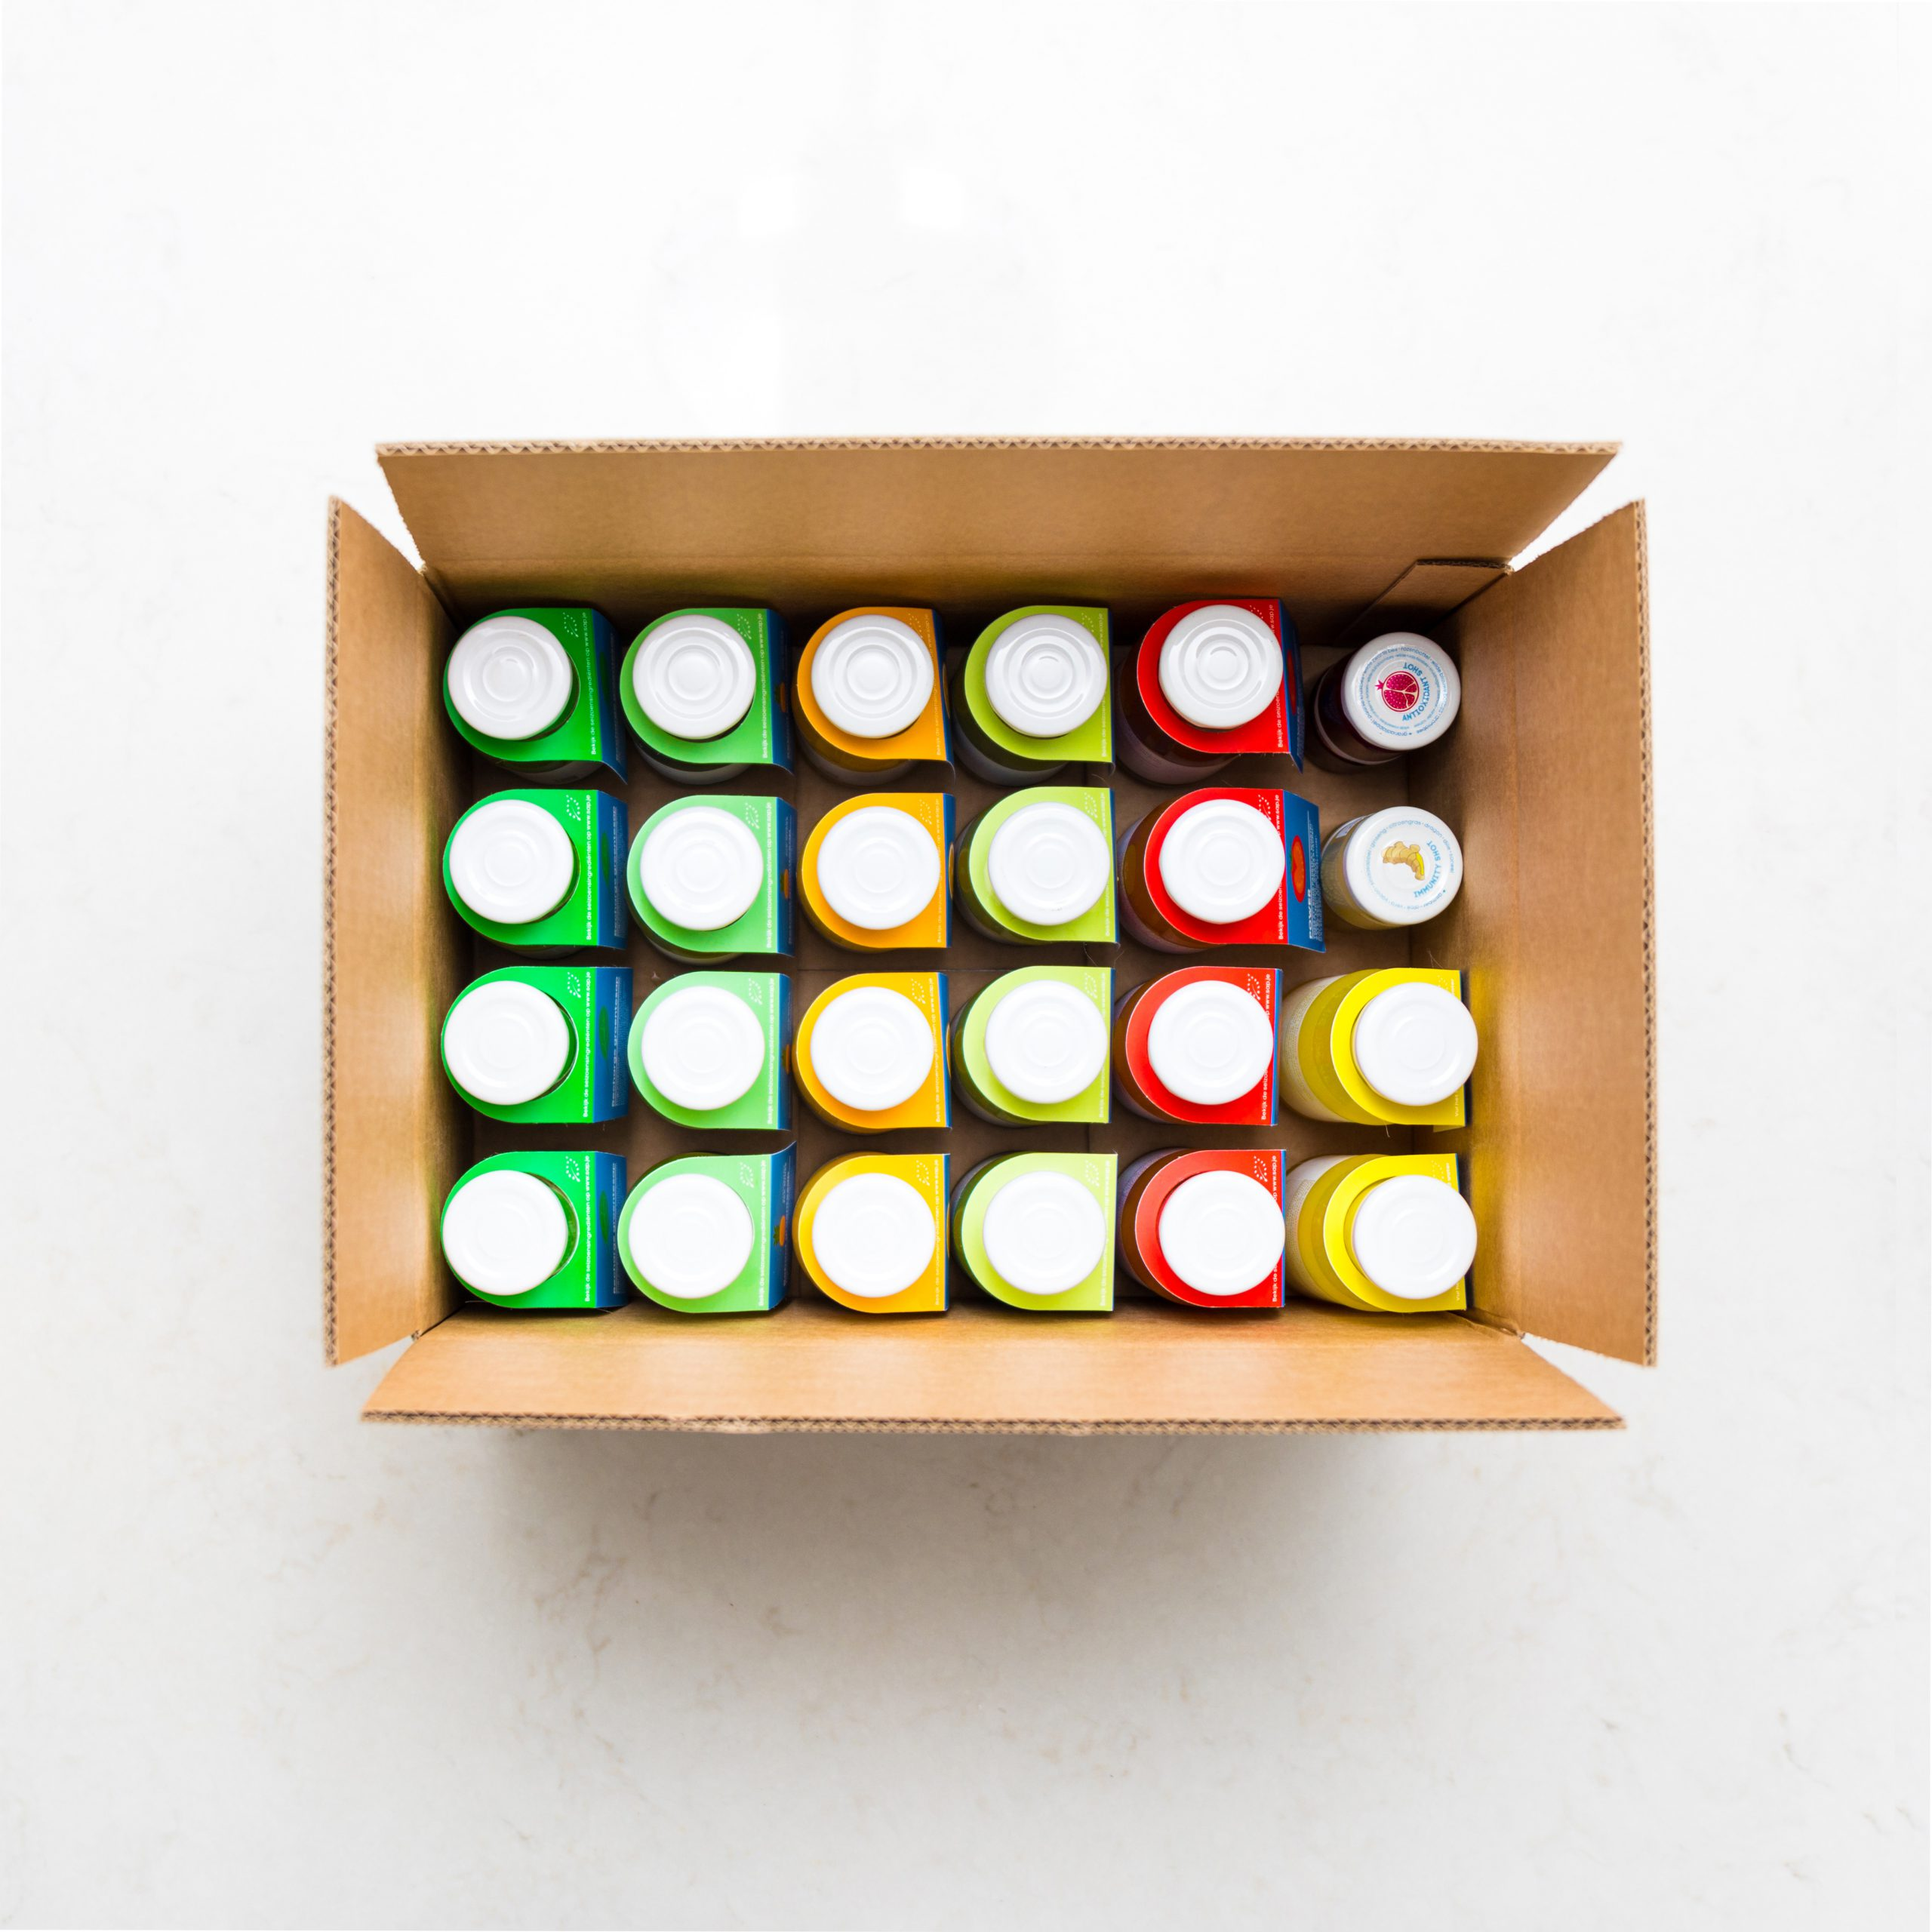 Weerstand box